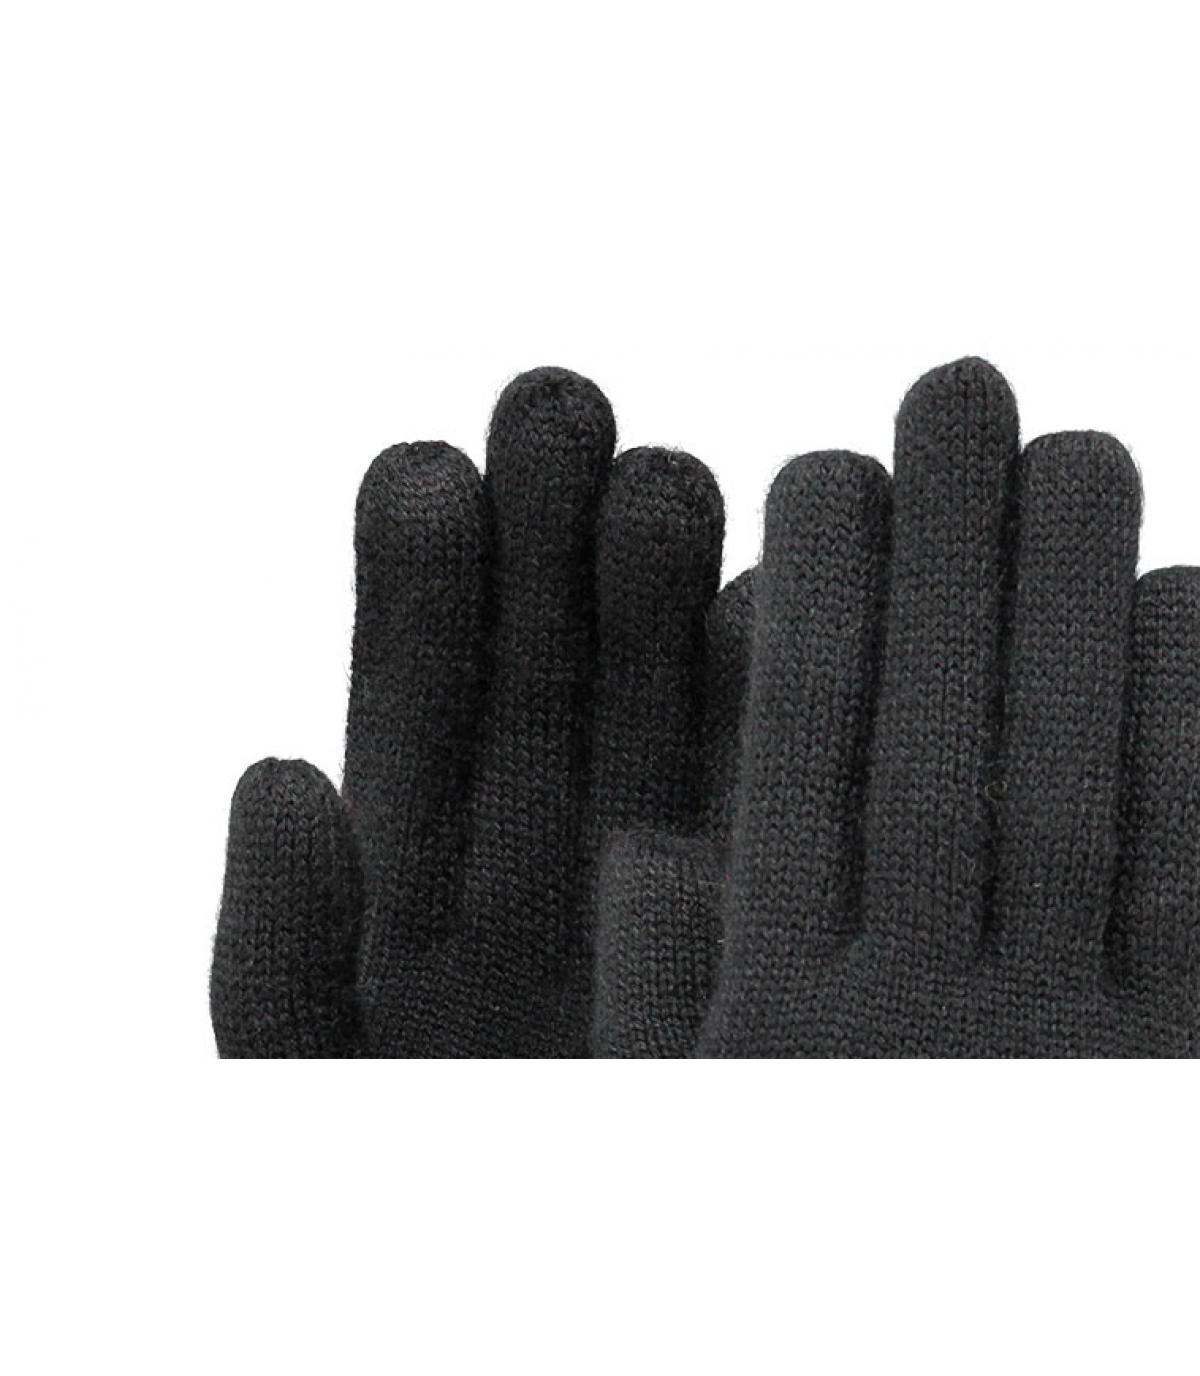 Details Fine Gestrickte Handschuhes schwarz - Abbildung 2